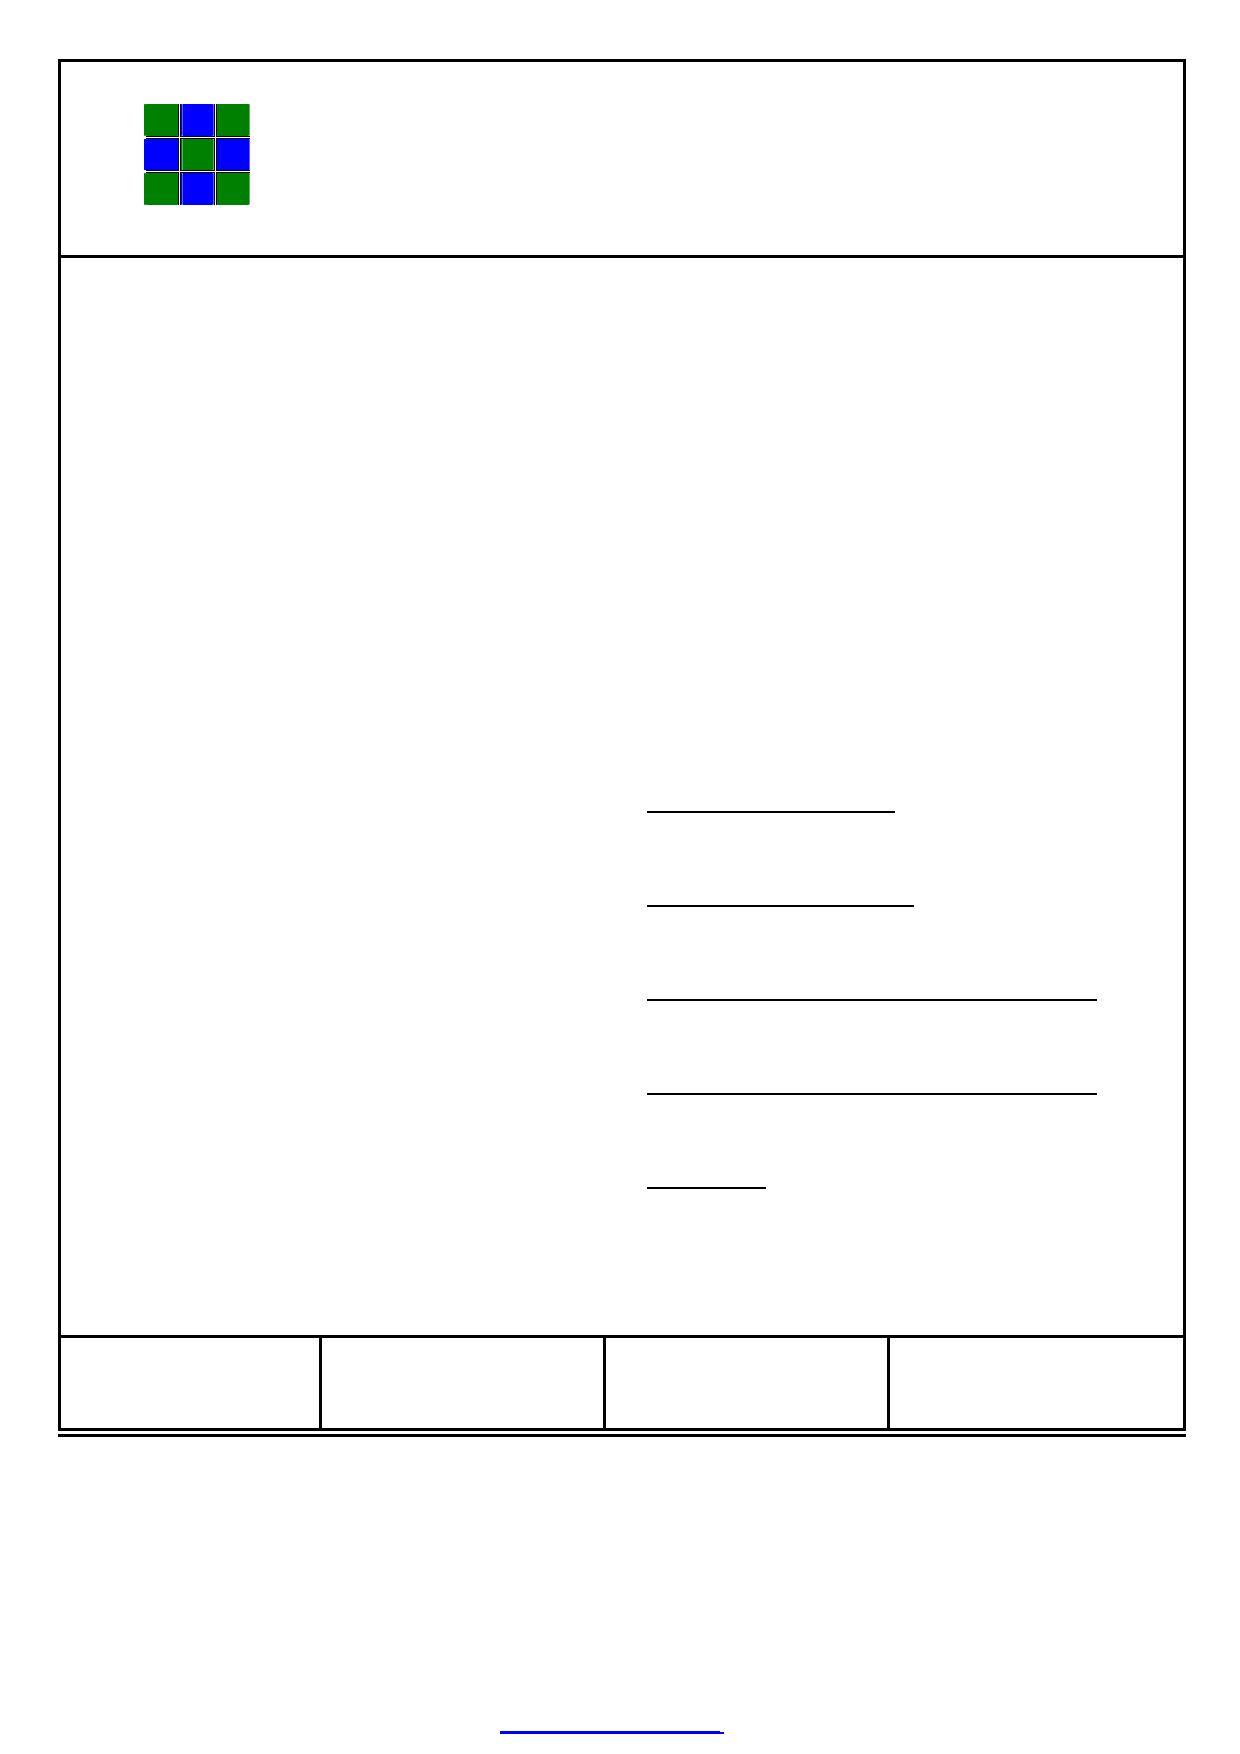 PC2404LRS-AJA-B-SA datasheet